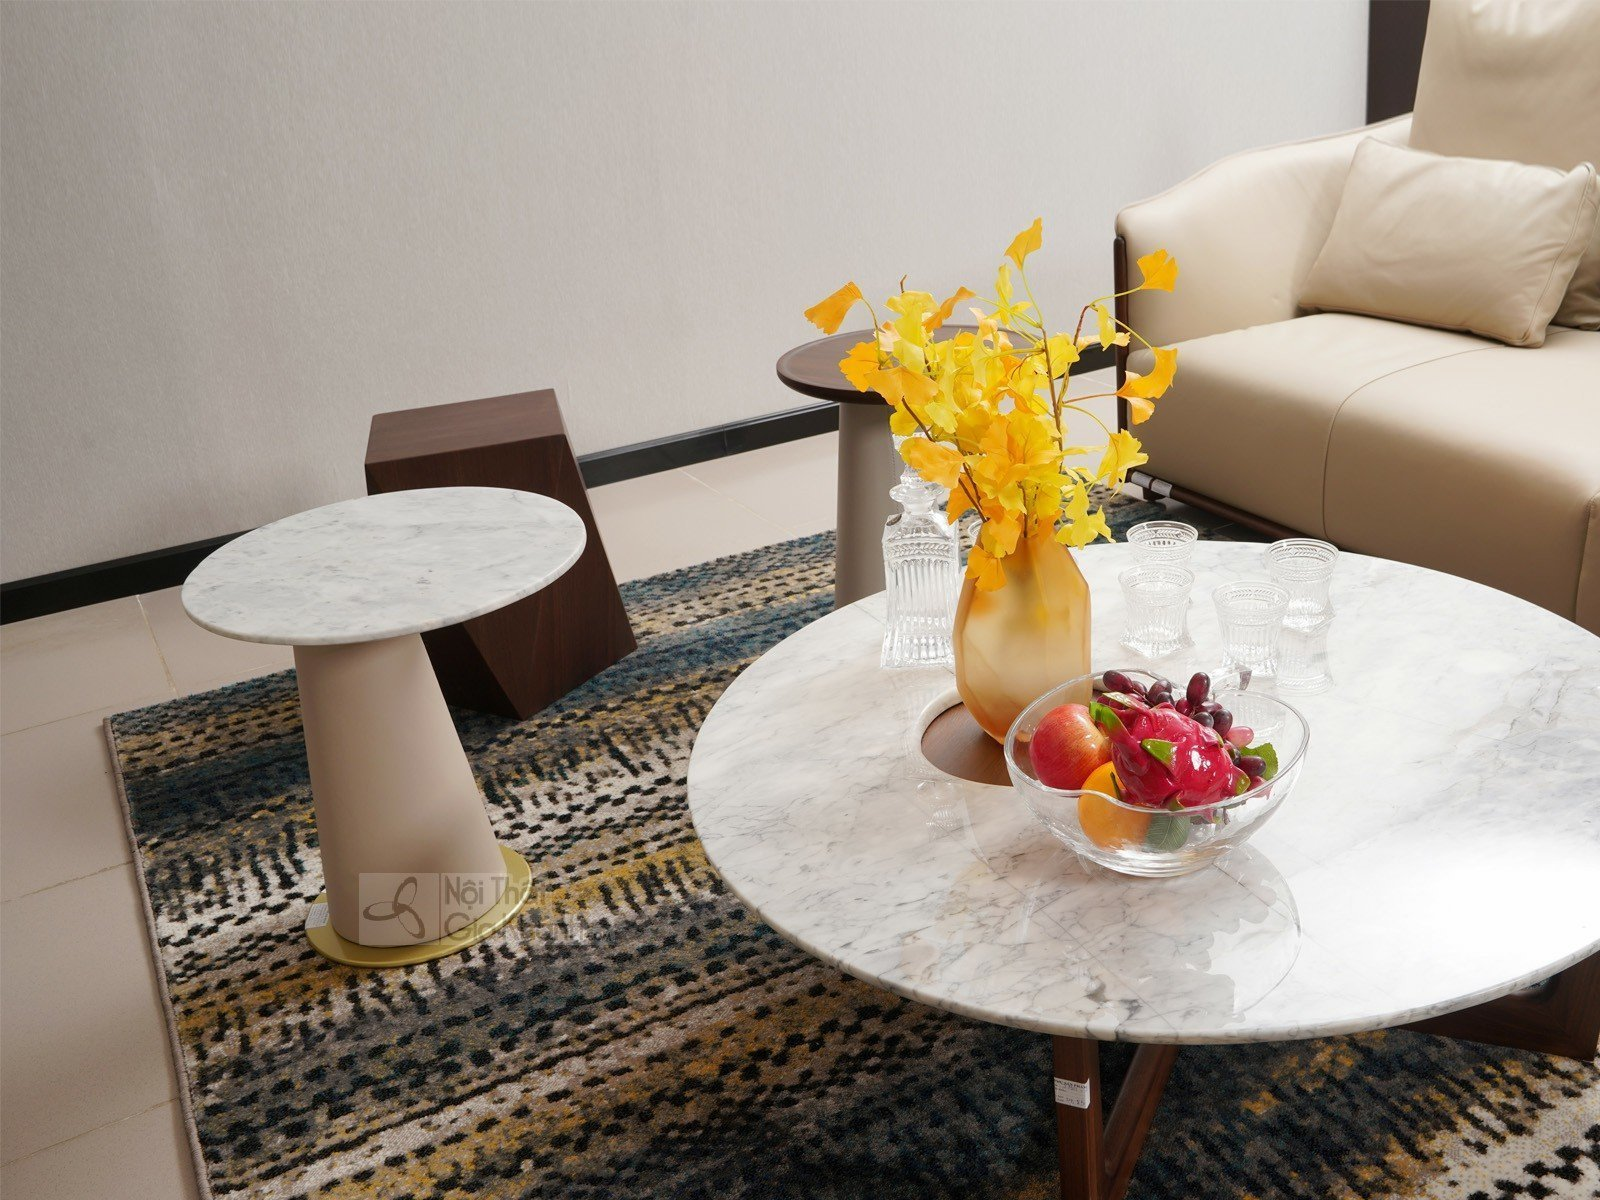 Bàn trà (Bàn Sofa) gỗ hiện đại mặt đá cho phòng khách BT1911-1D